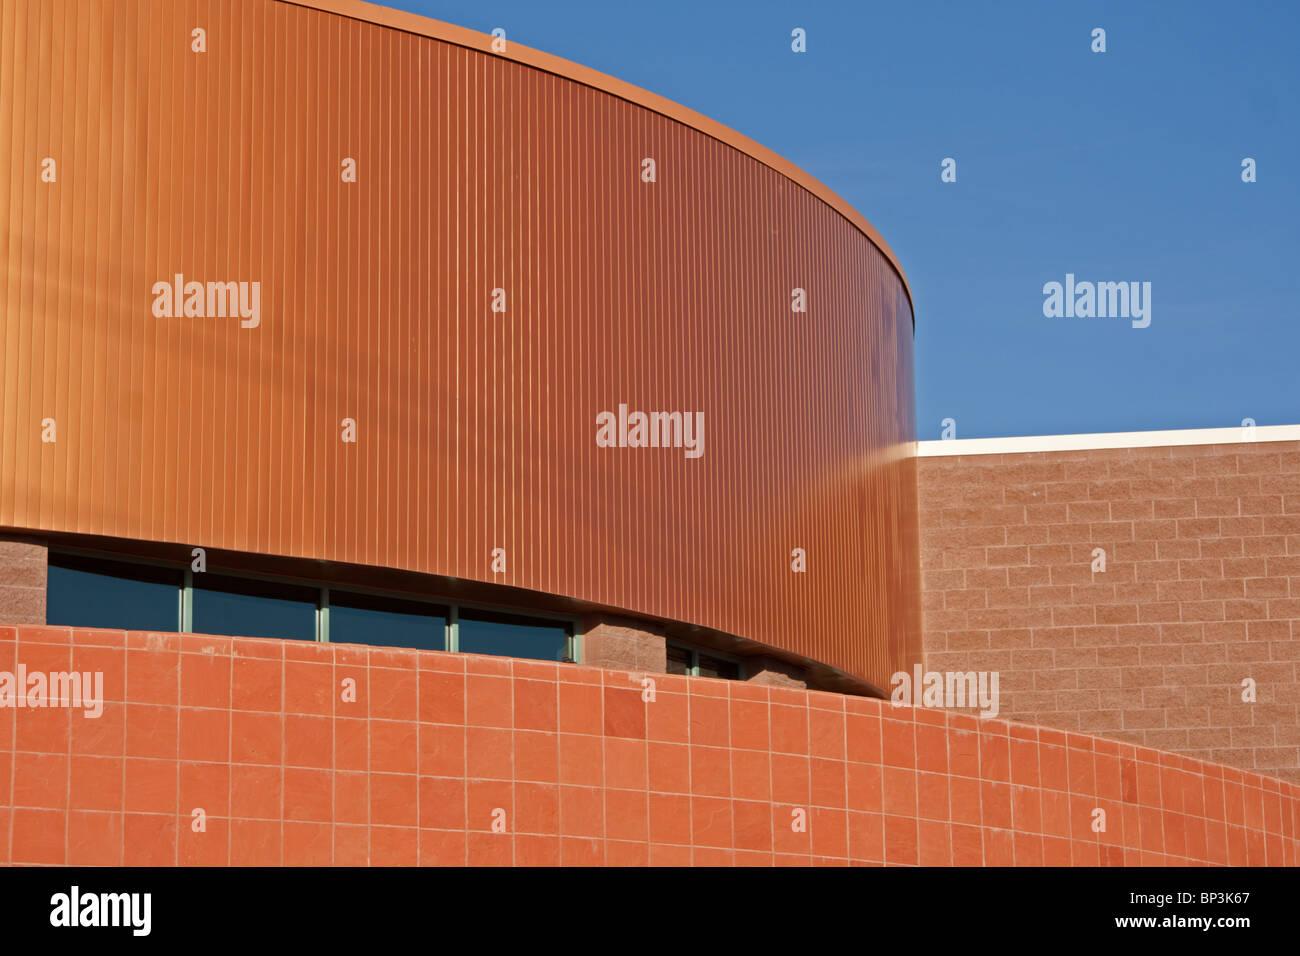 kommerzielle Gebäude mit Kupferdach Stockbild